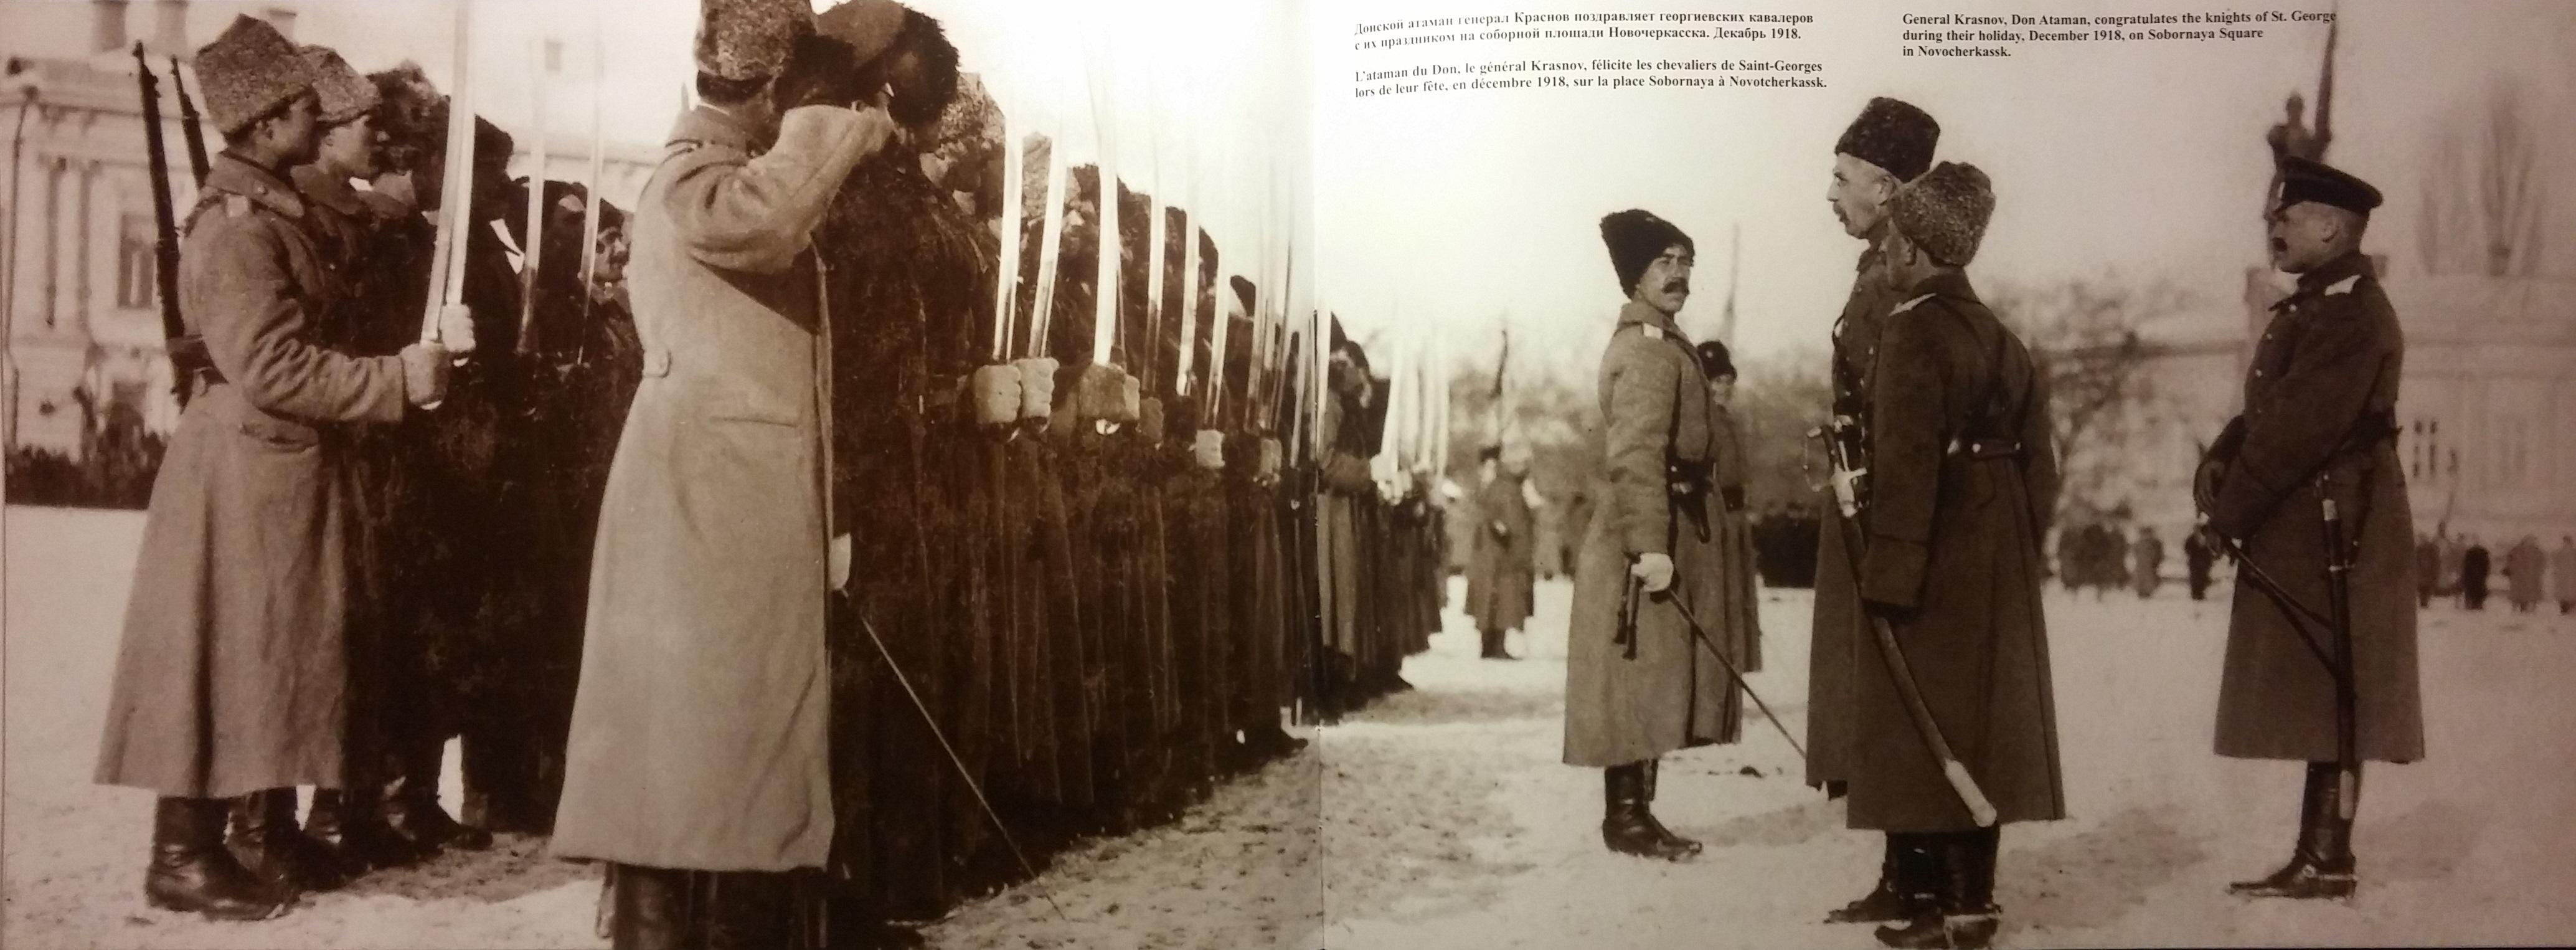 Донской атаман генерал Краснов поздравляет георгиевских кавалеров с их праздником на Соборной площади (1918)